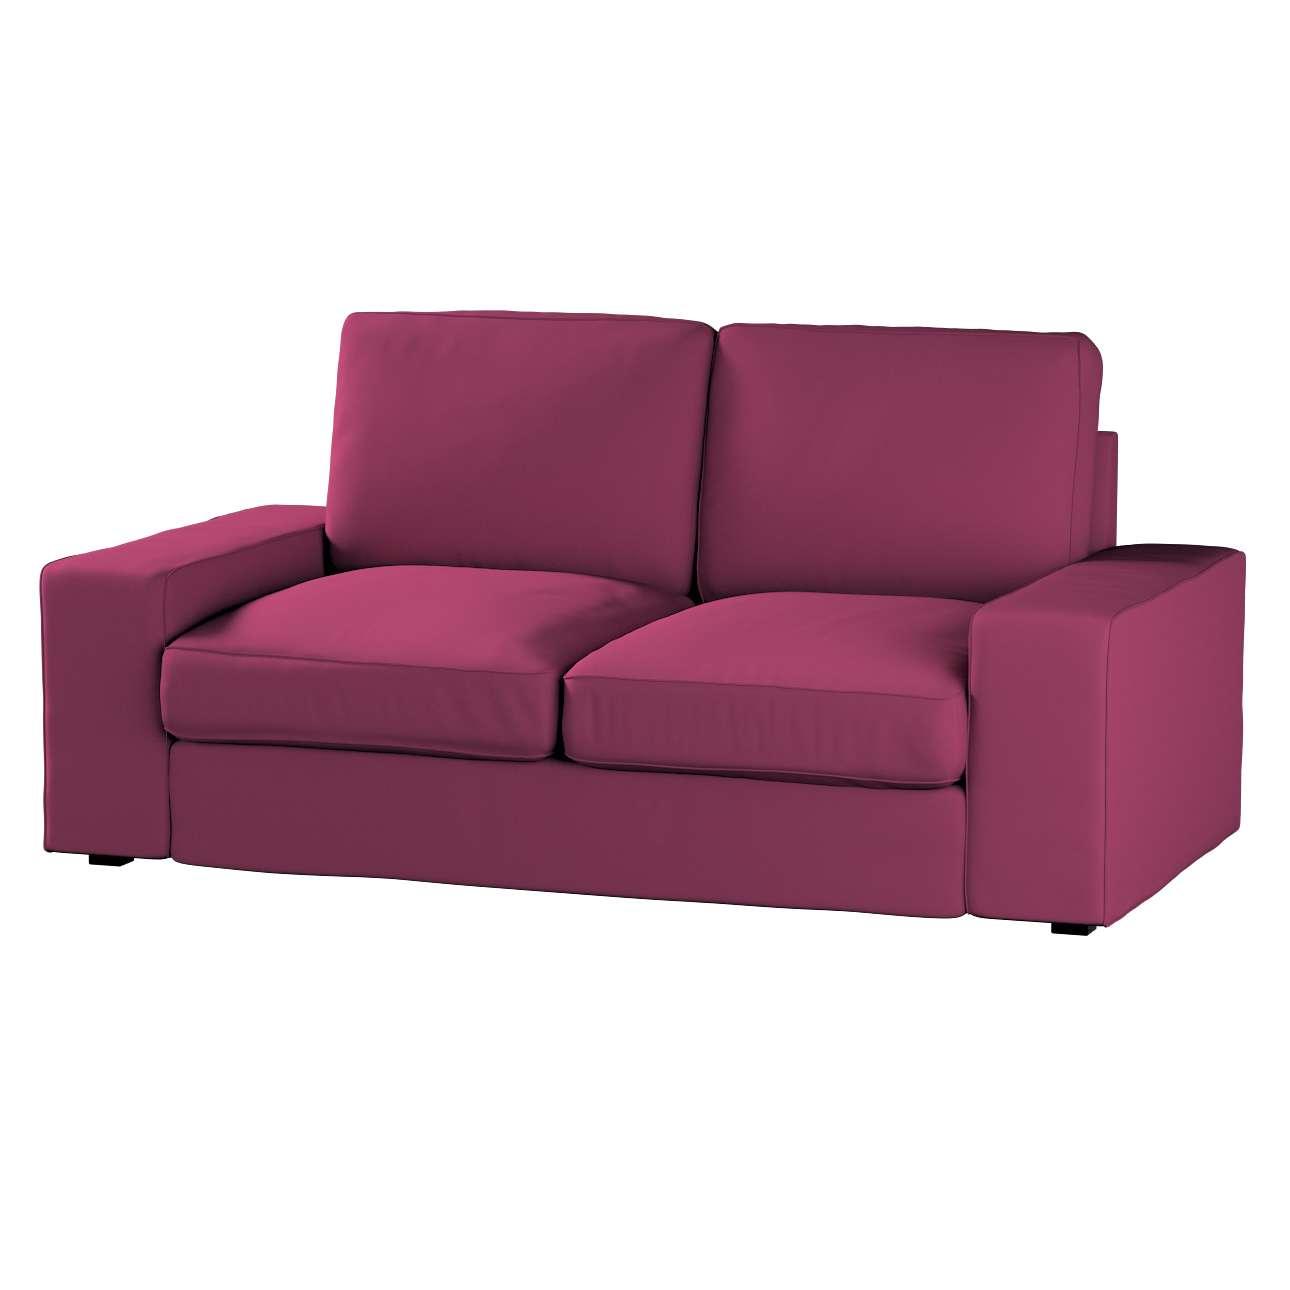 KIVIK dvivietės sofos užvalkalas Kivik 2-seat sofa kolekcijoje Cotton Panama, audinys: 702-32